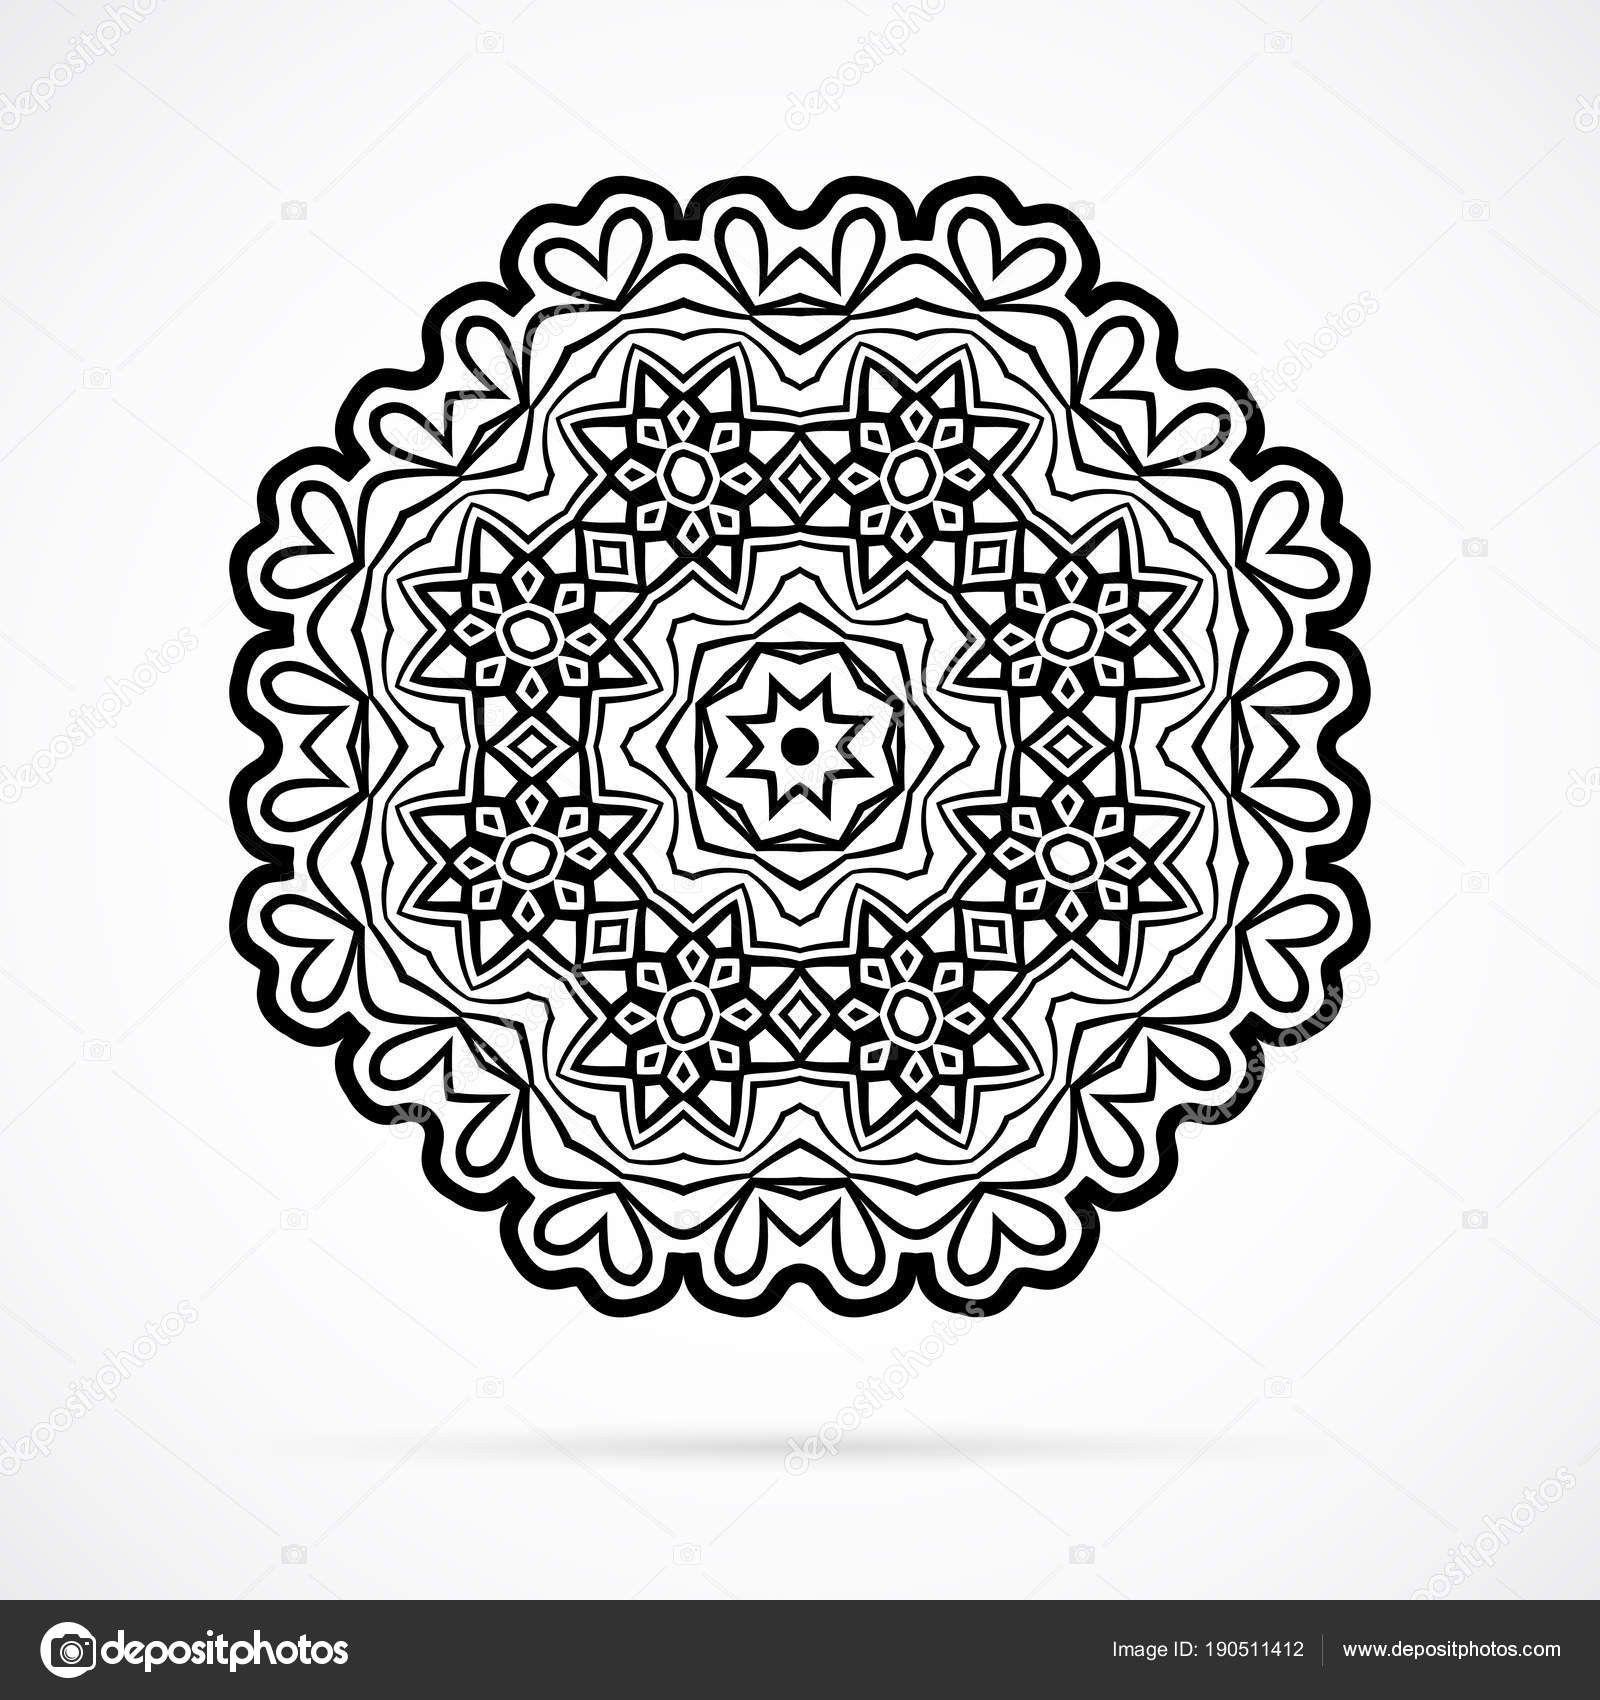 Disegni Geometrici Da Colorare Lusso Mandala Della Geometria Di Nero Di Vettore Sopra Bianco Of Disegni Geometrici Da Colorar Nel 2020 Disegni Geometrici Mandala Colori